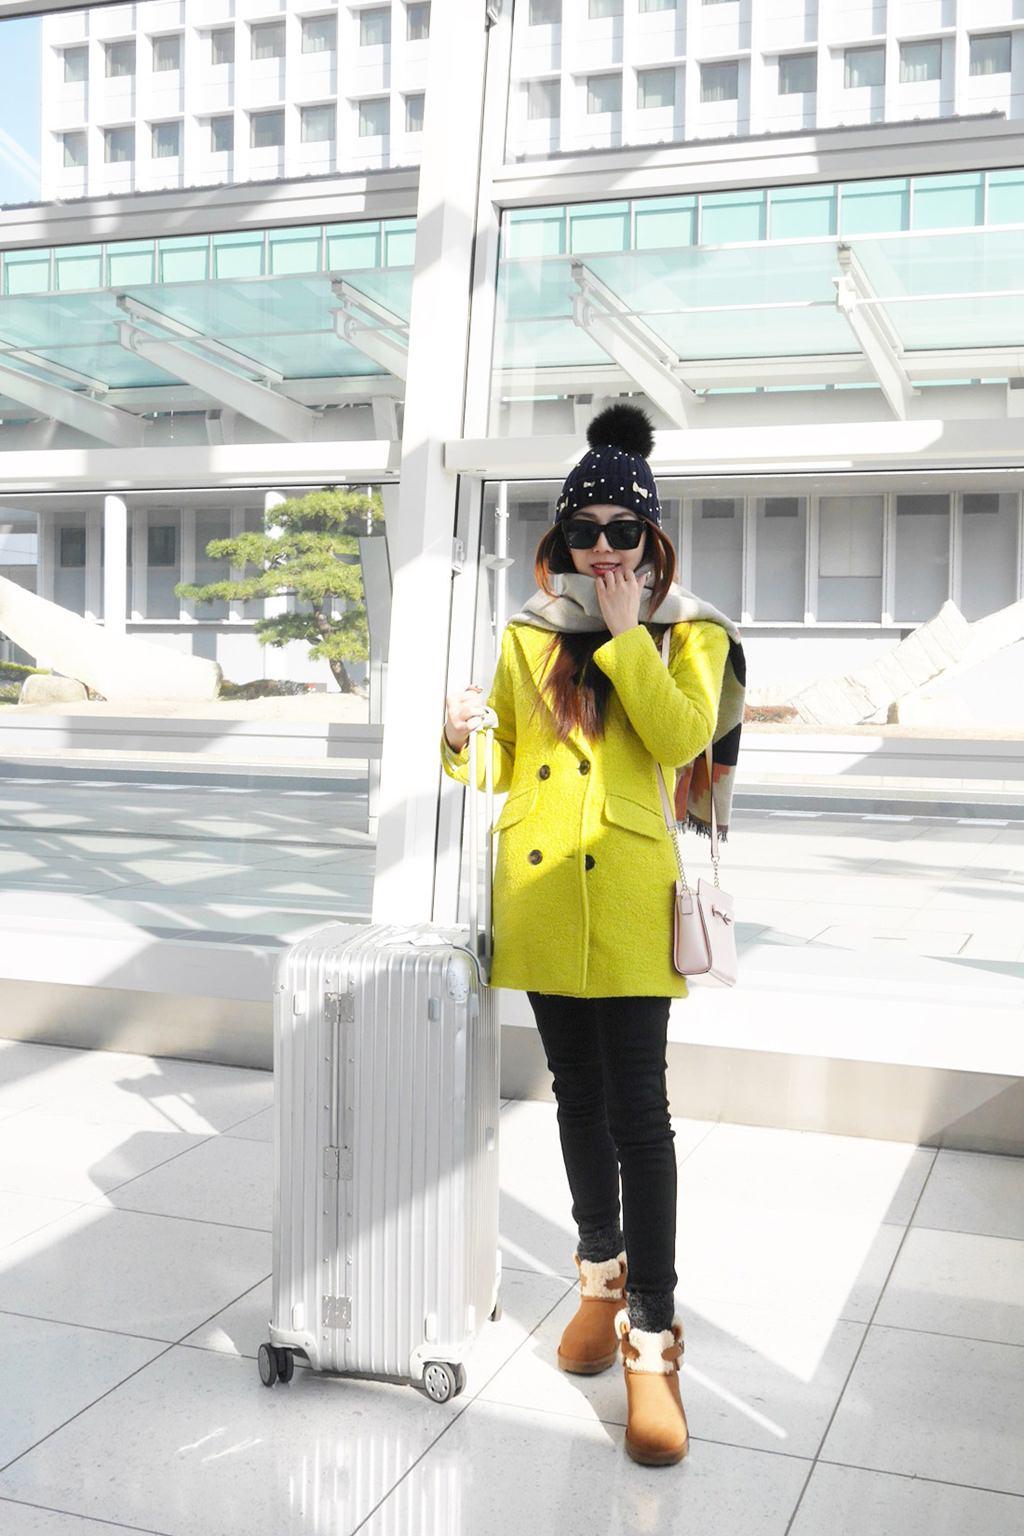 日本旅遊,冬季旅遊行前準備,雪地穿搭,日本東北旅行,保暖穿搭,550